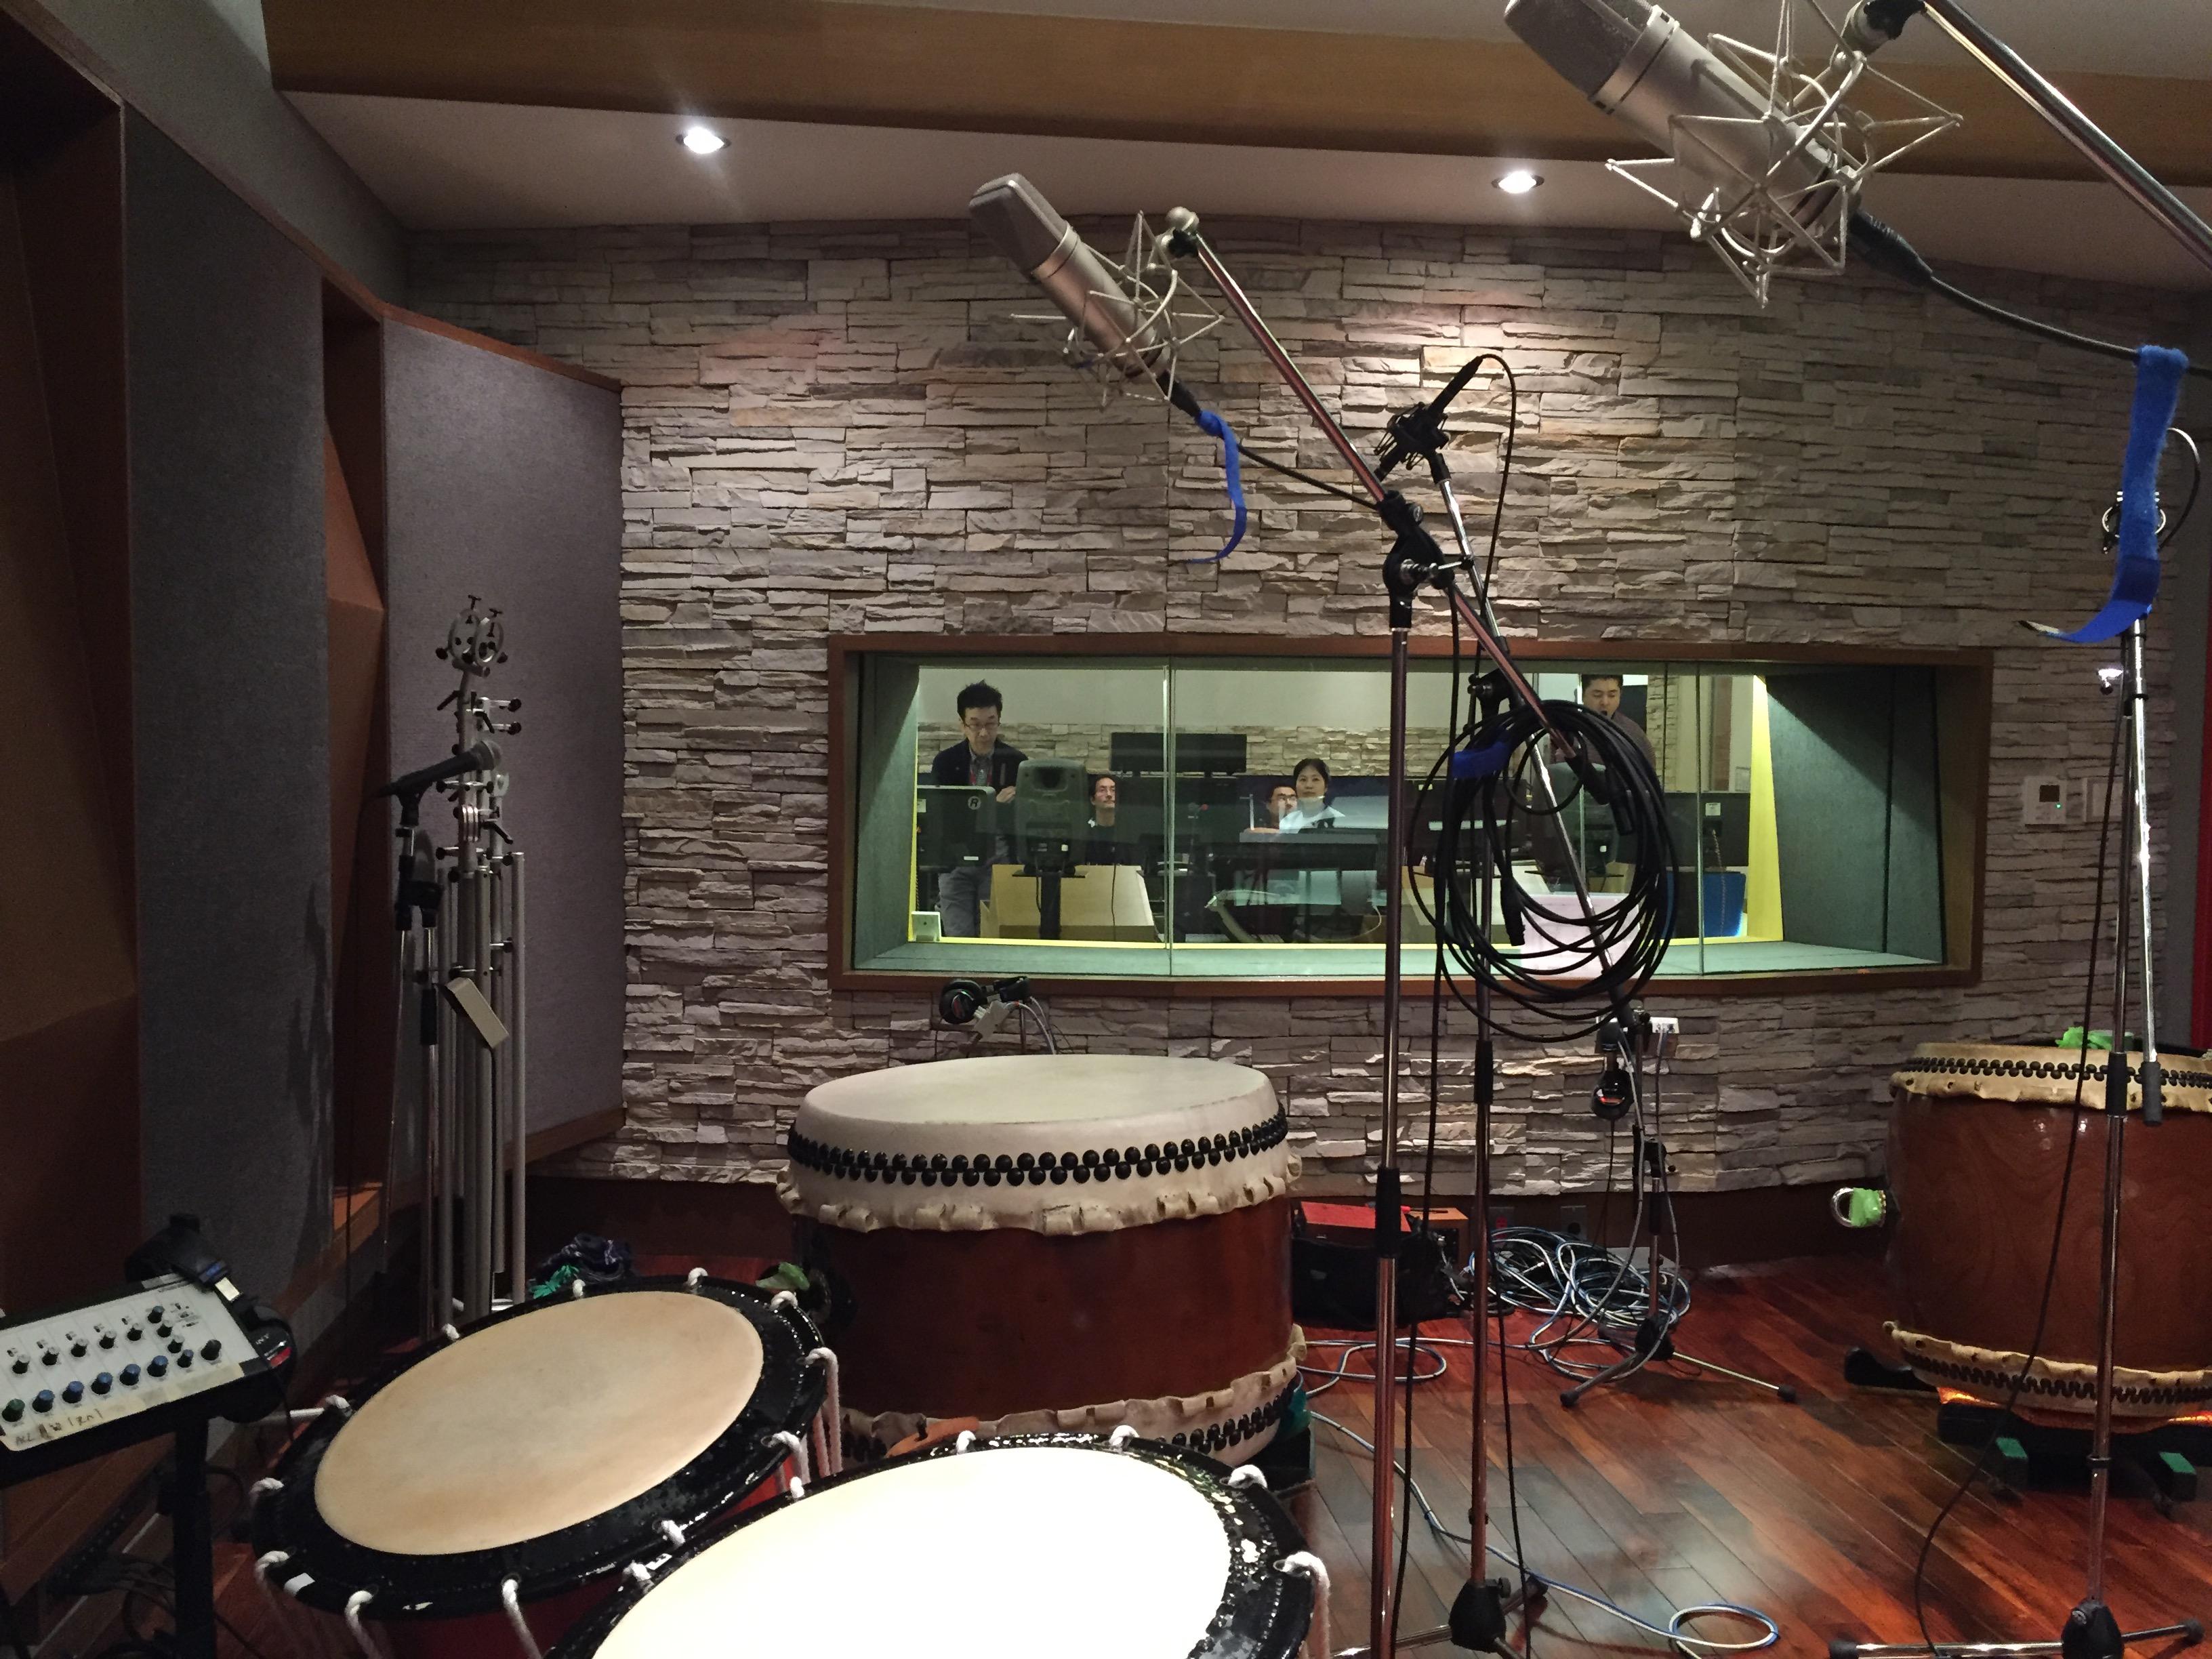 和太鼓 & 邦楽器「打歓人」 レコーディング セッション